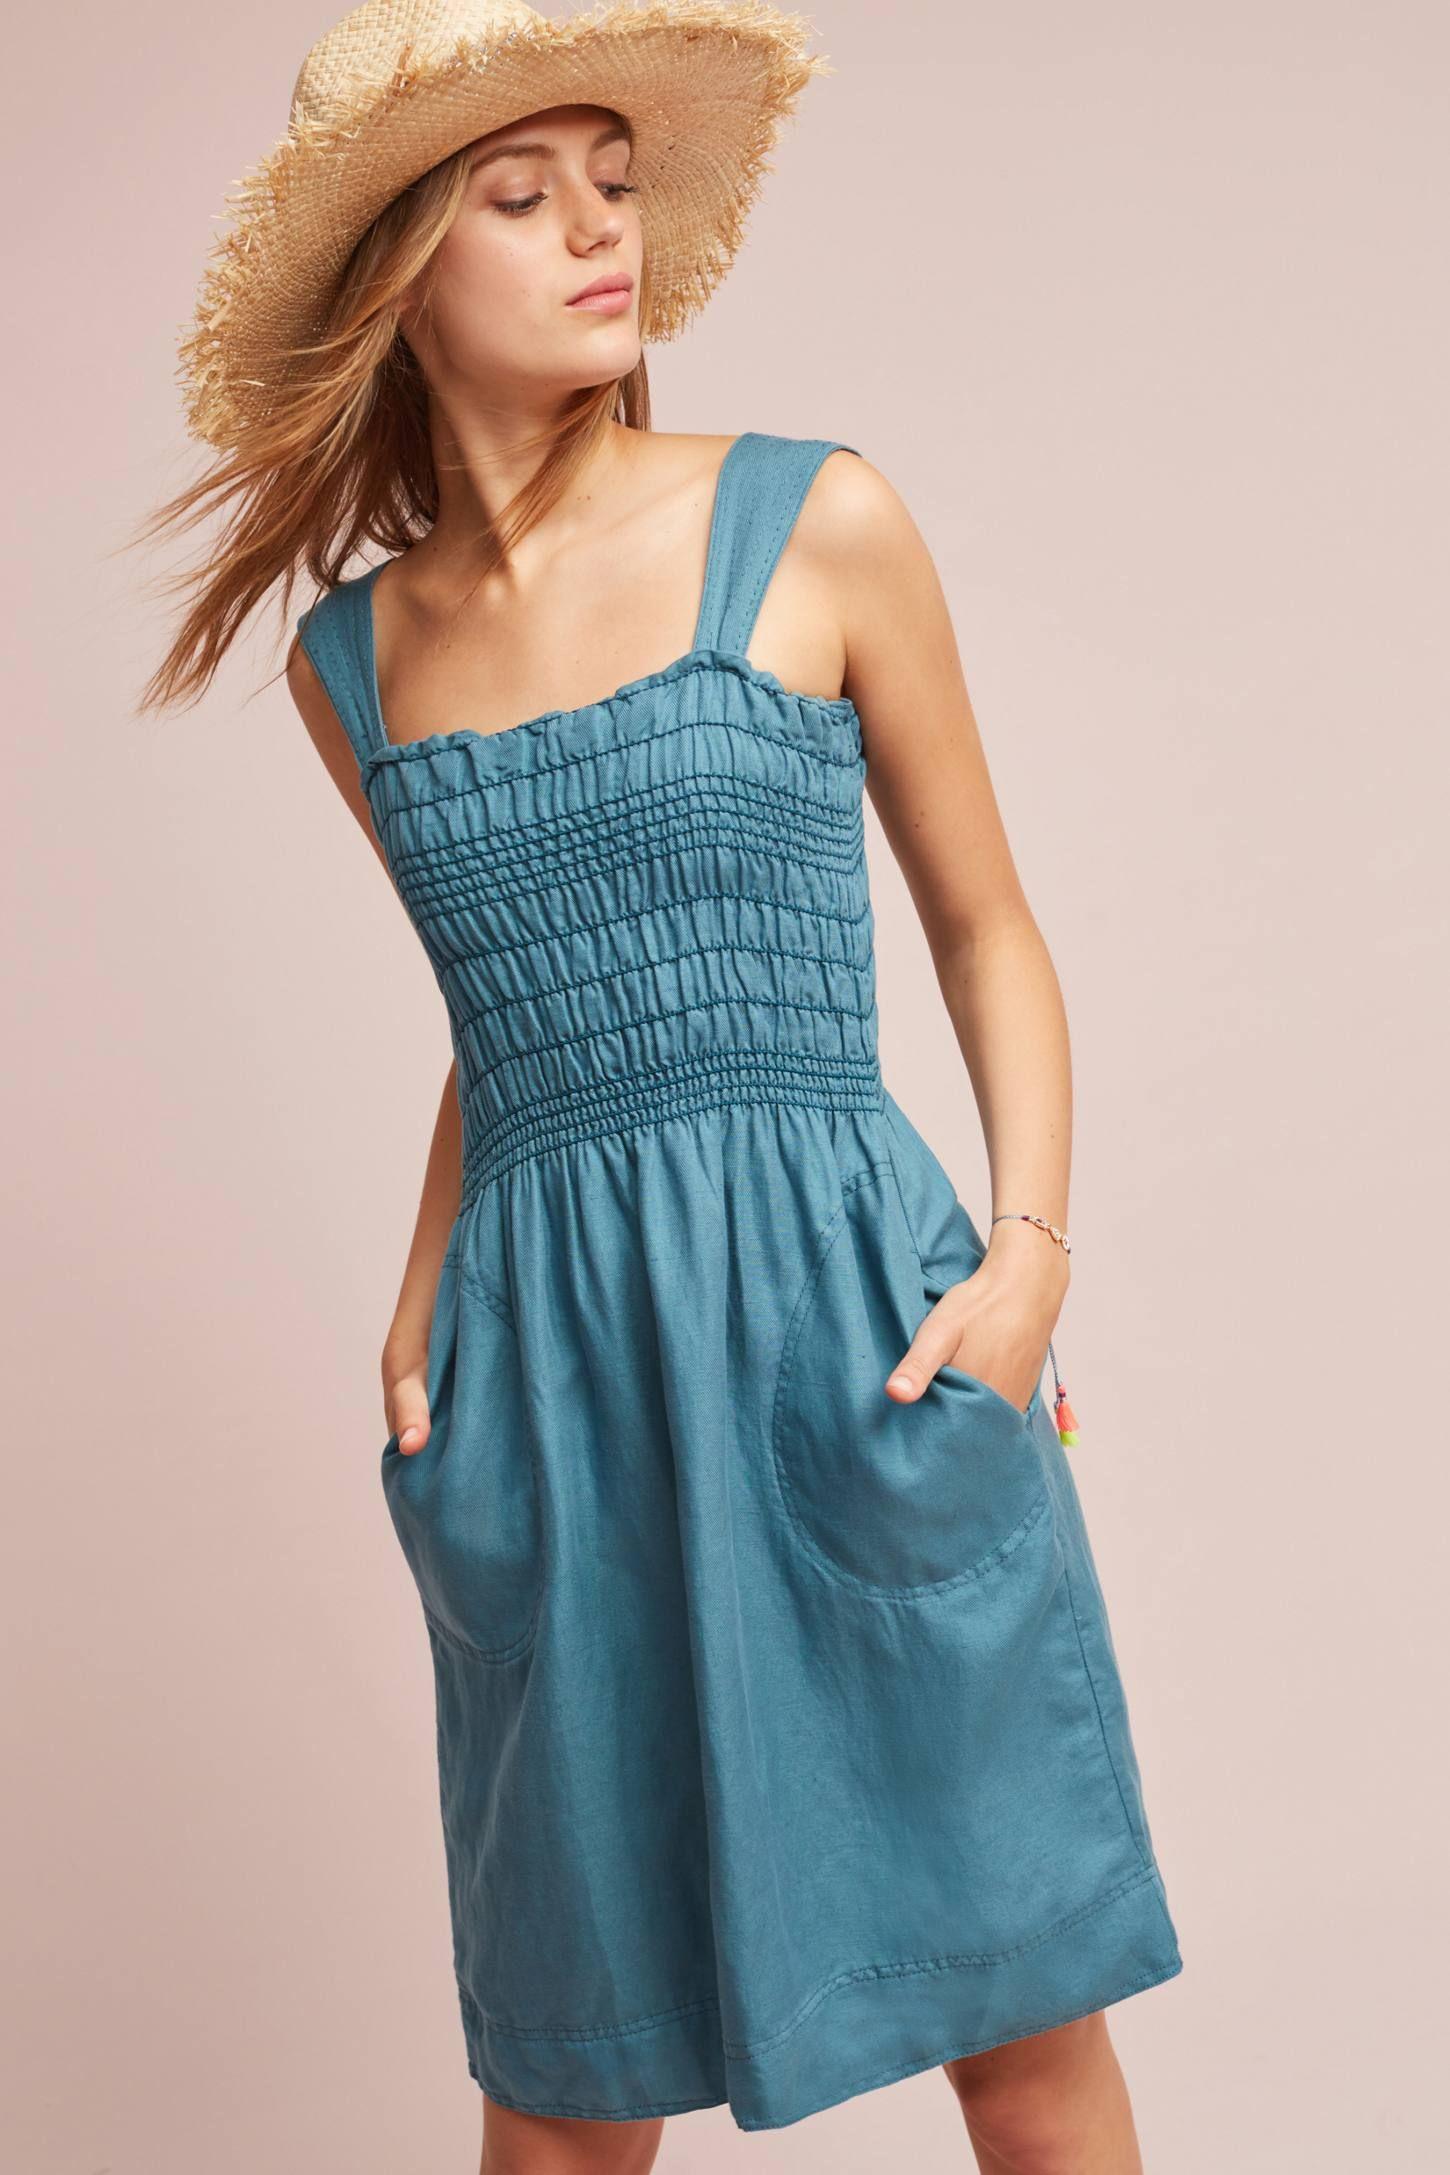 Carlie smocked dress shops models and cas